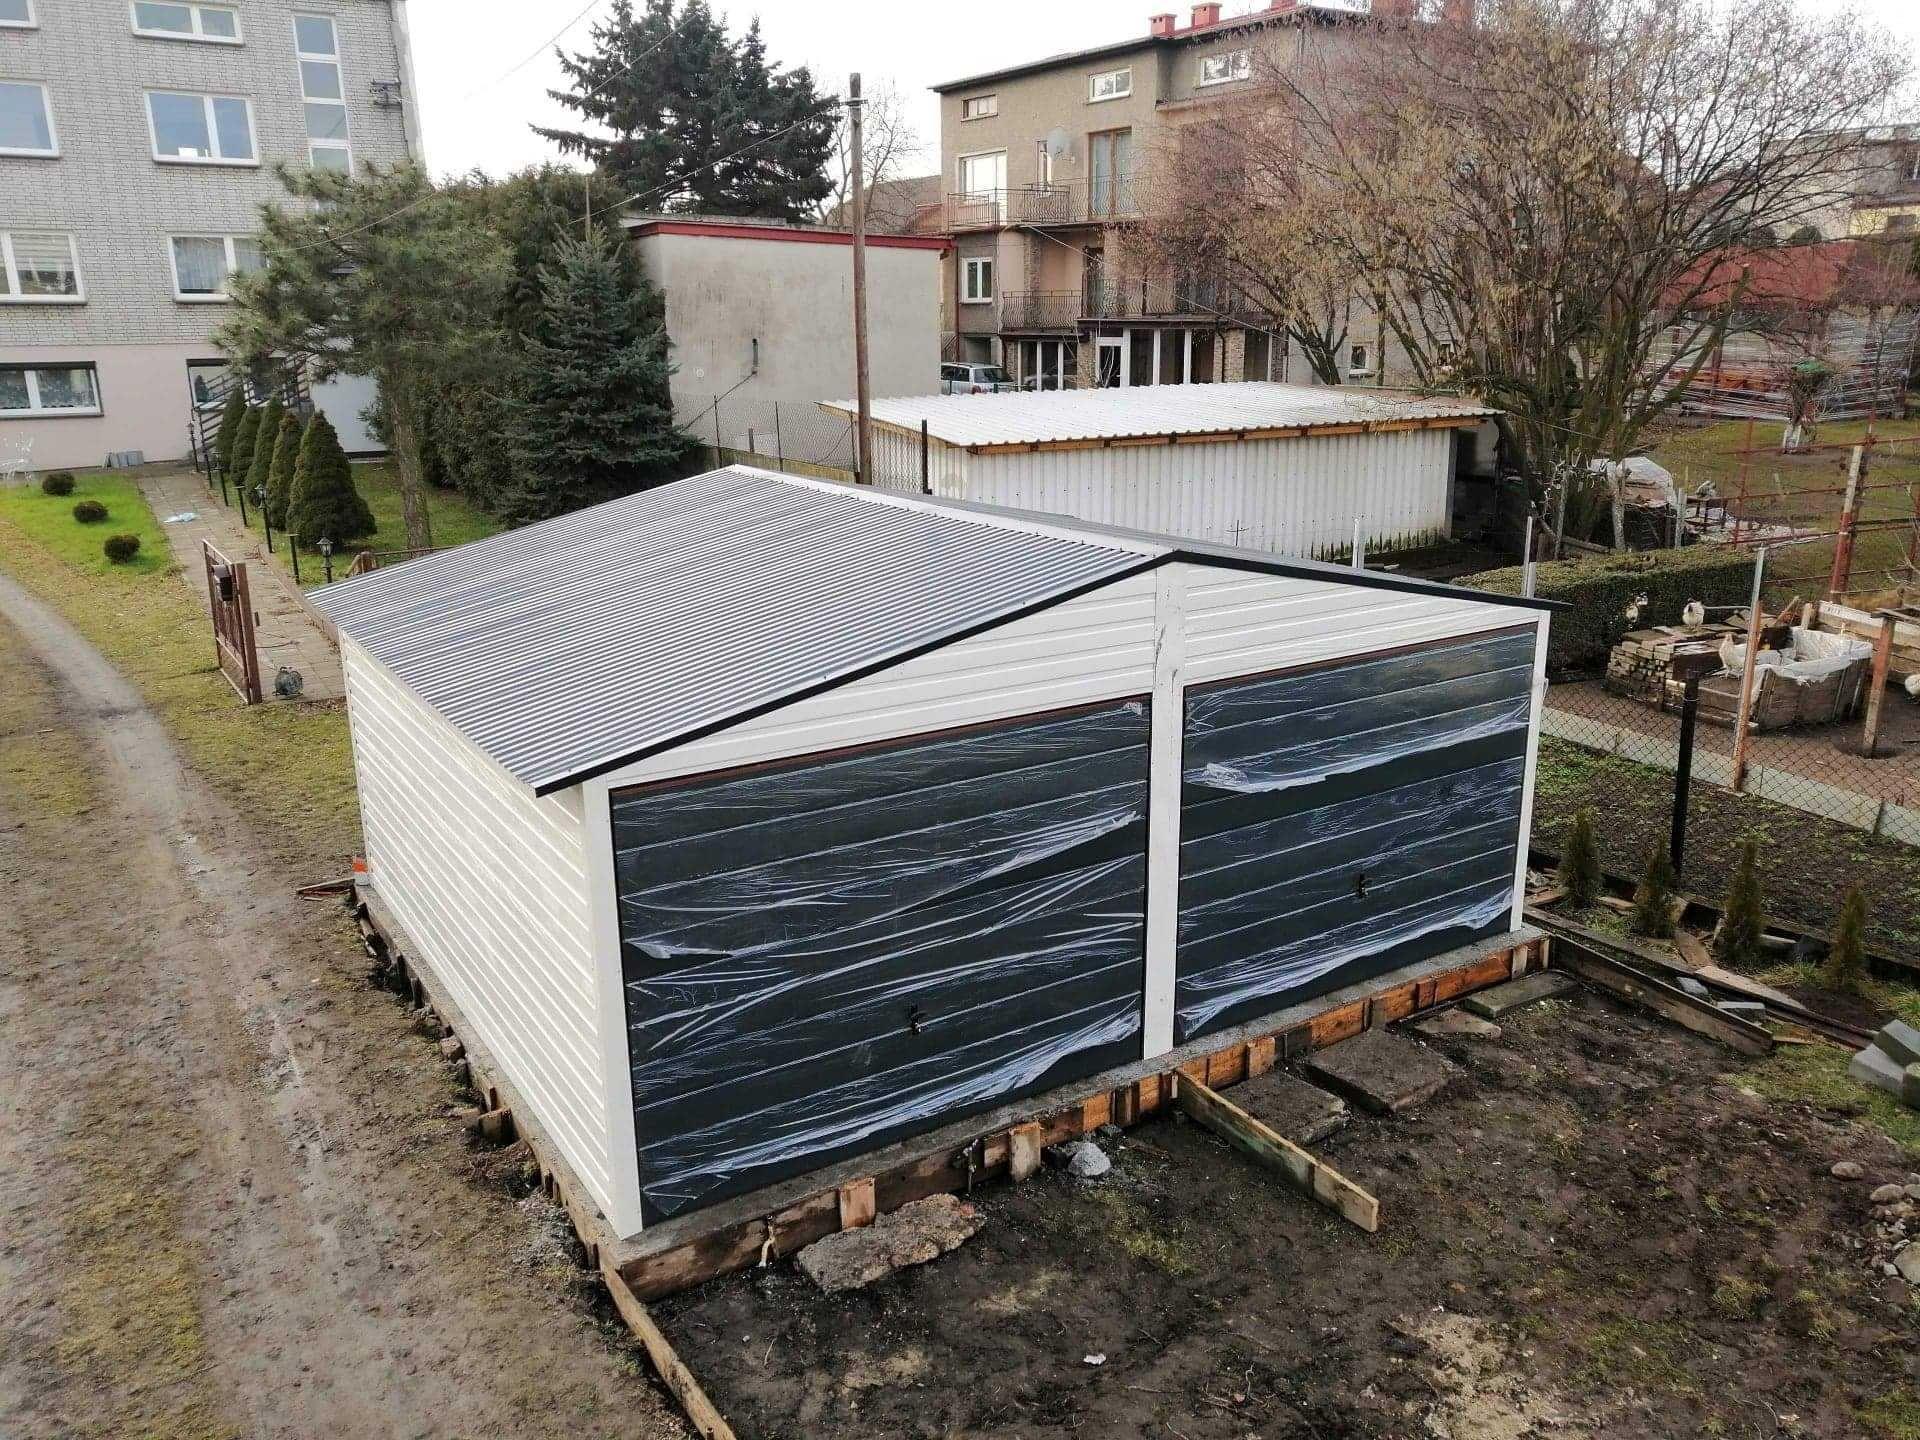 Garaże blaszane, garaż 6x5.8, dwuspadowy dach, wzmicniony profilem,